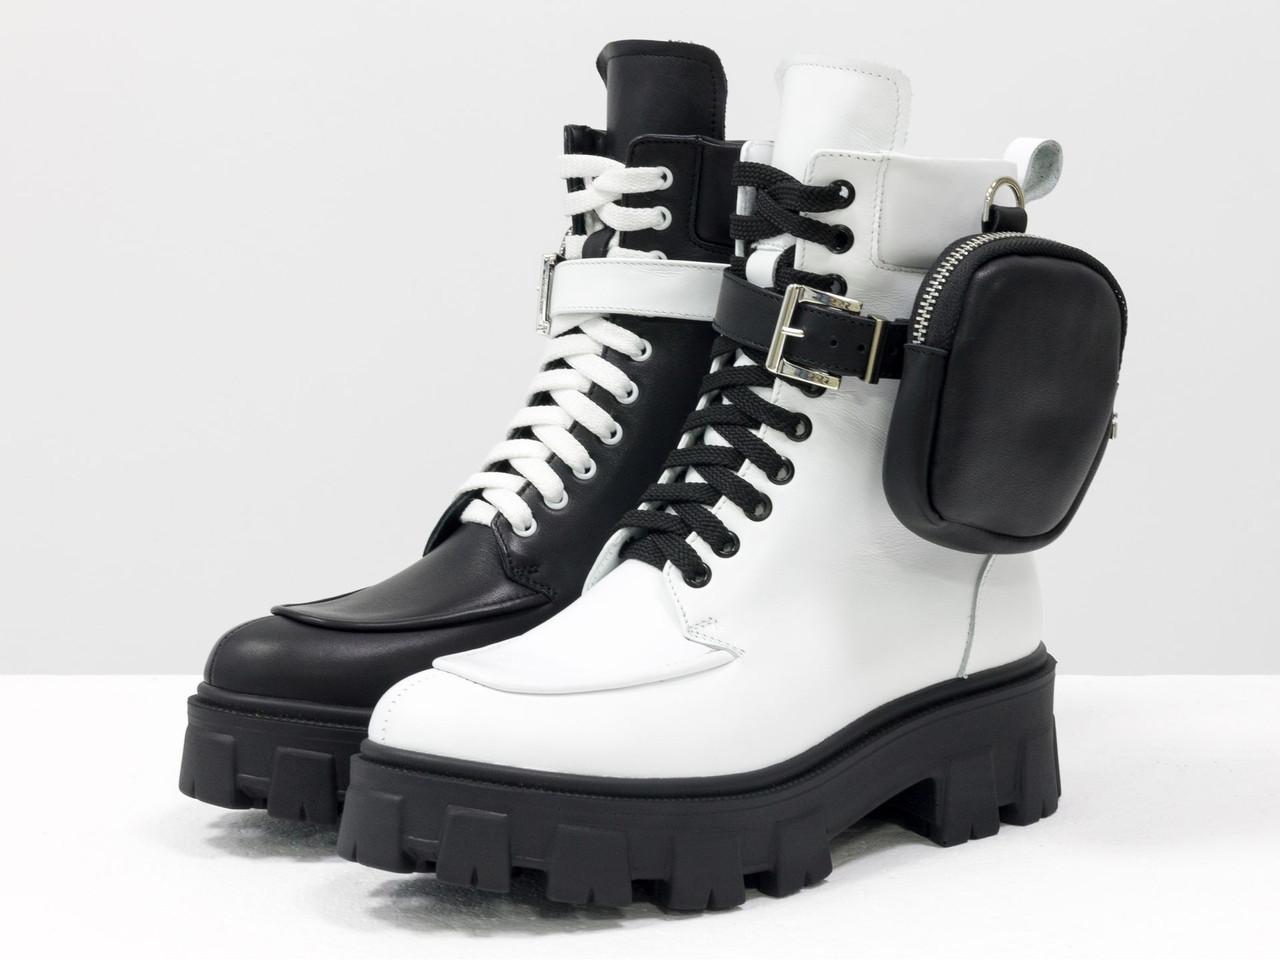 Уникальные монохромные ботинки на шнуровке из натуральной гладкой черной и белой кожи